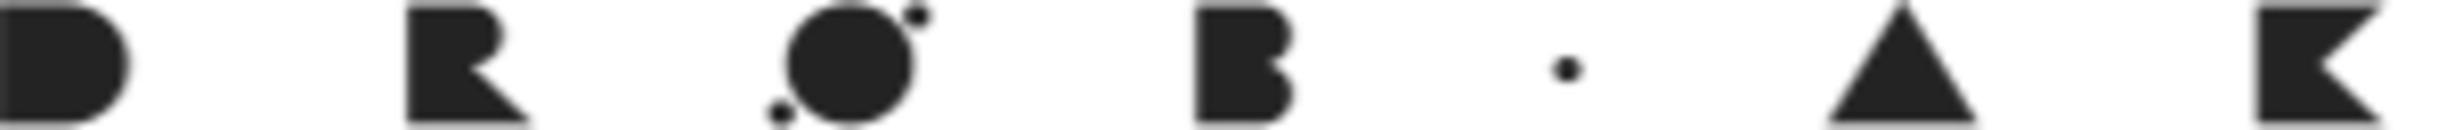 Drøbak Arkitektkontor A/S logo